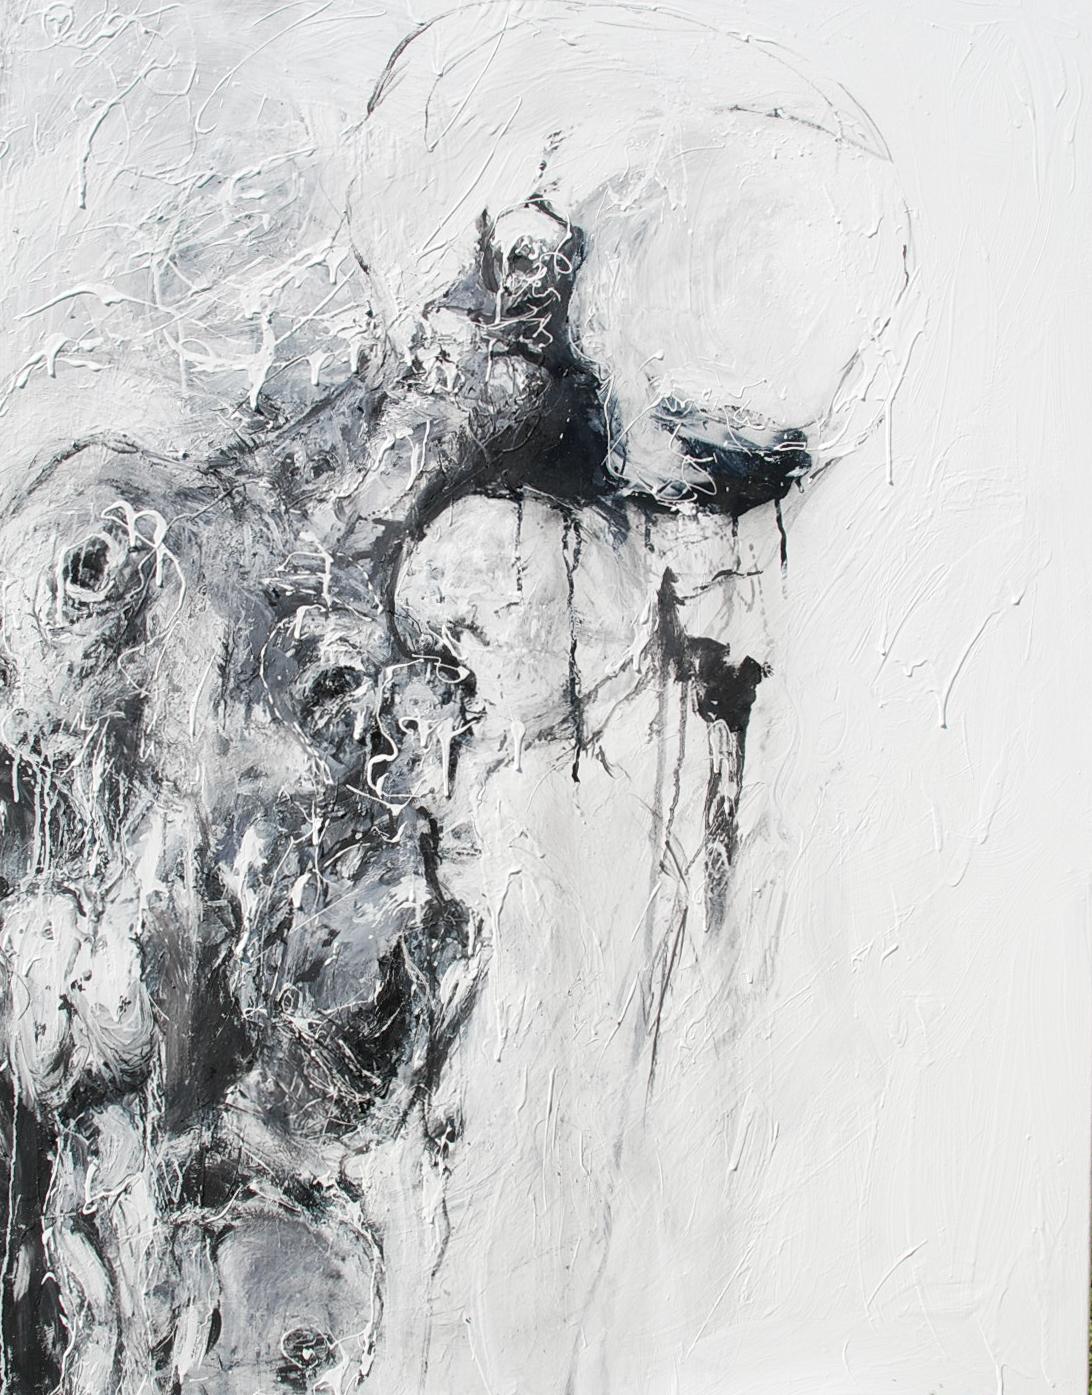 116 x 81 cm  Huile, acrylique, techniques mixtes sur toiles  Châssis simple